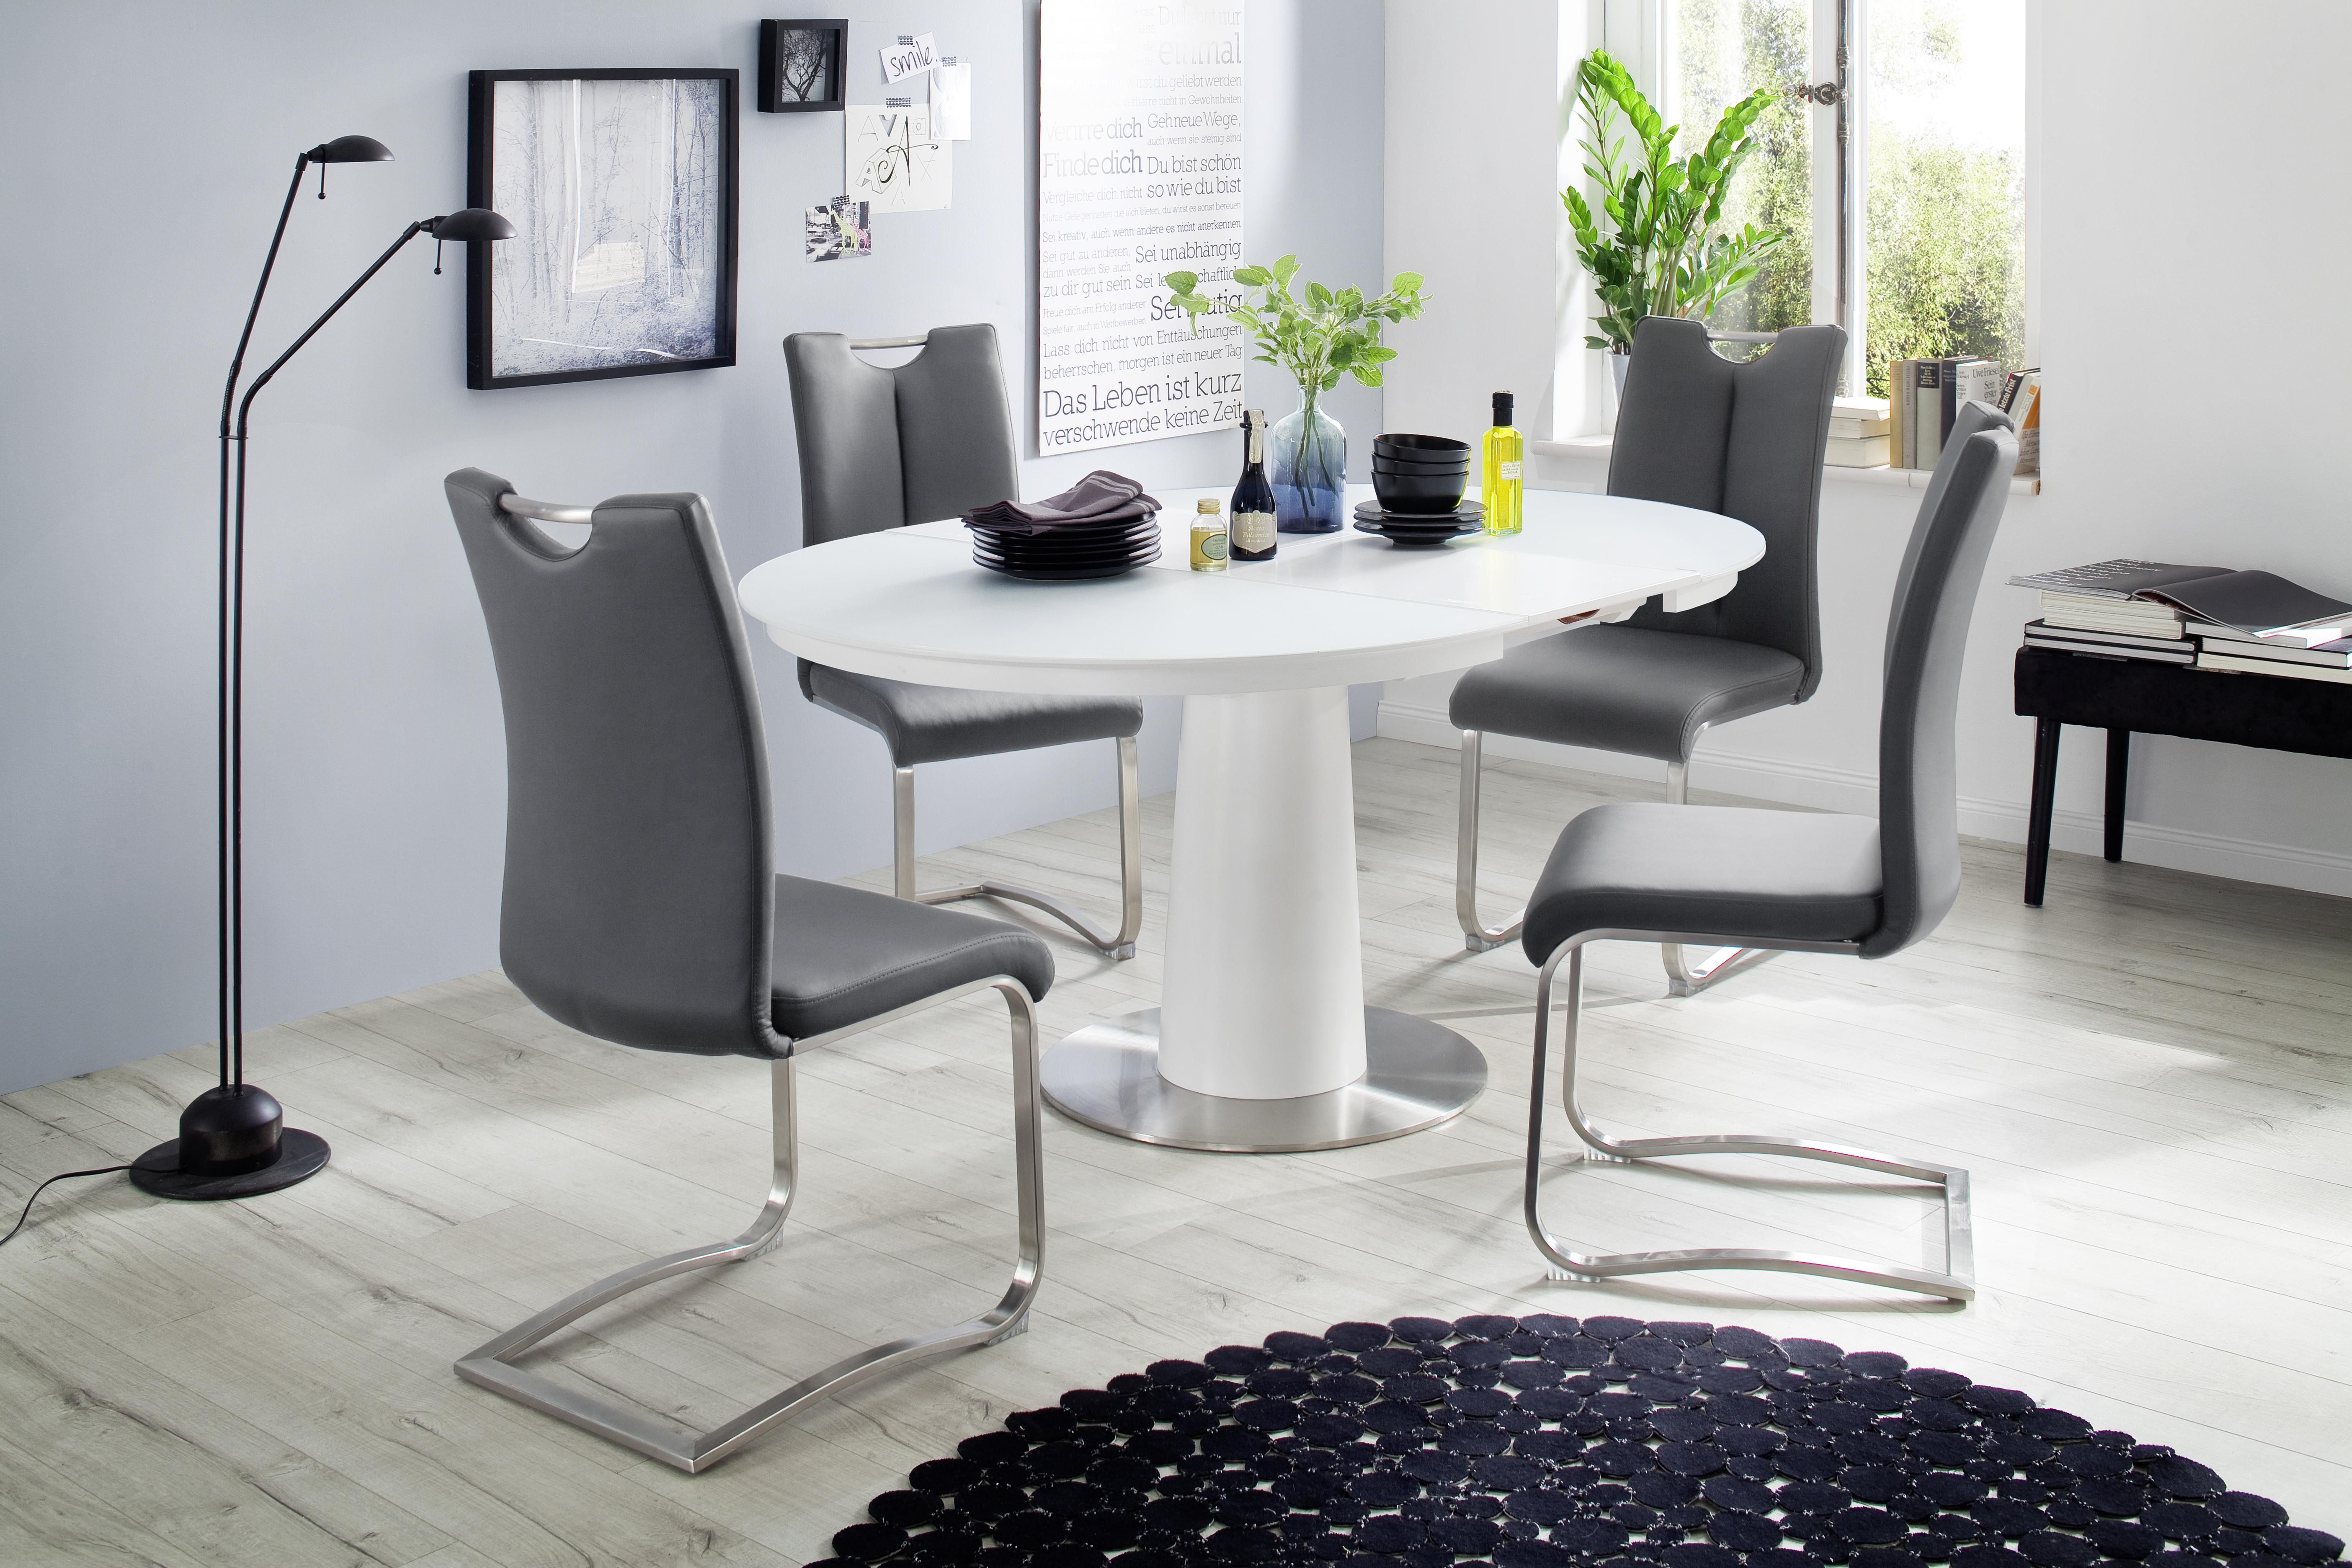 Design Witte Eettafel.Eettafel Wit Glas Aktie Wonen Nl